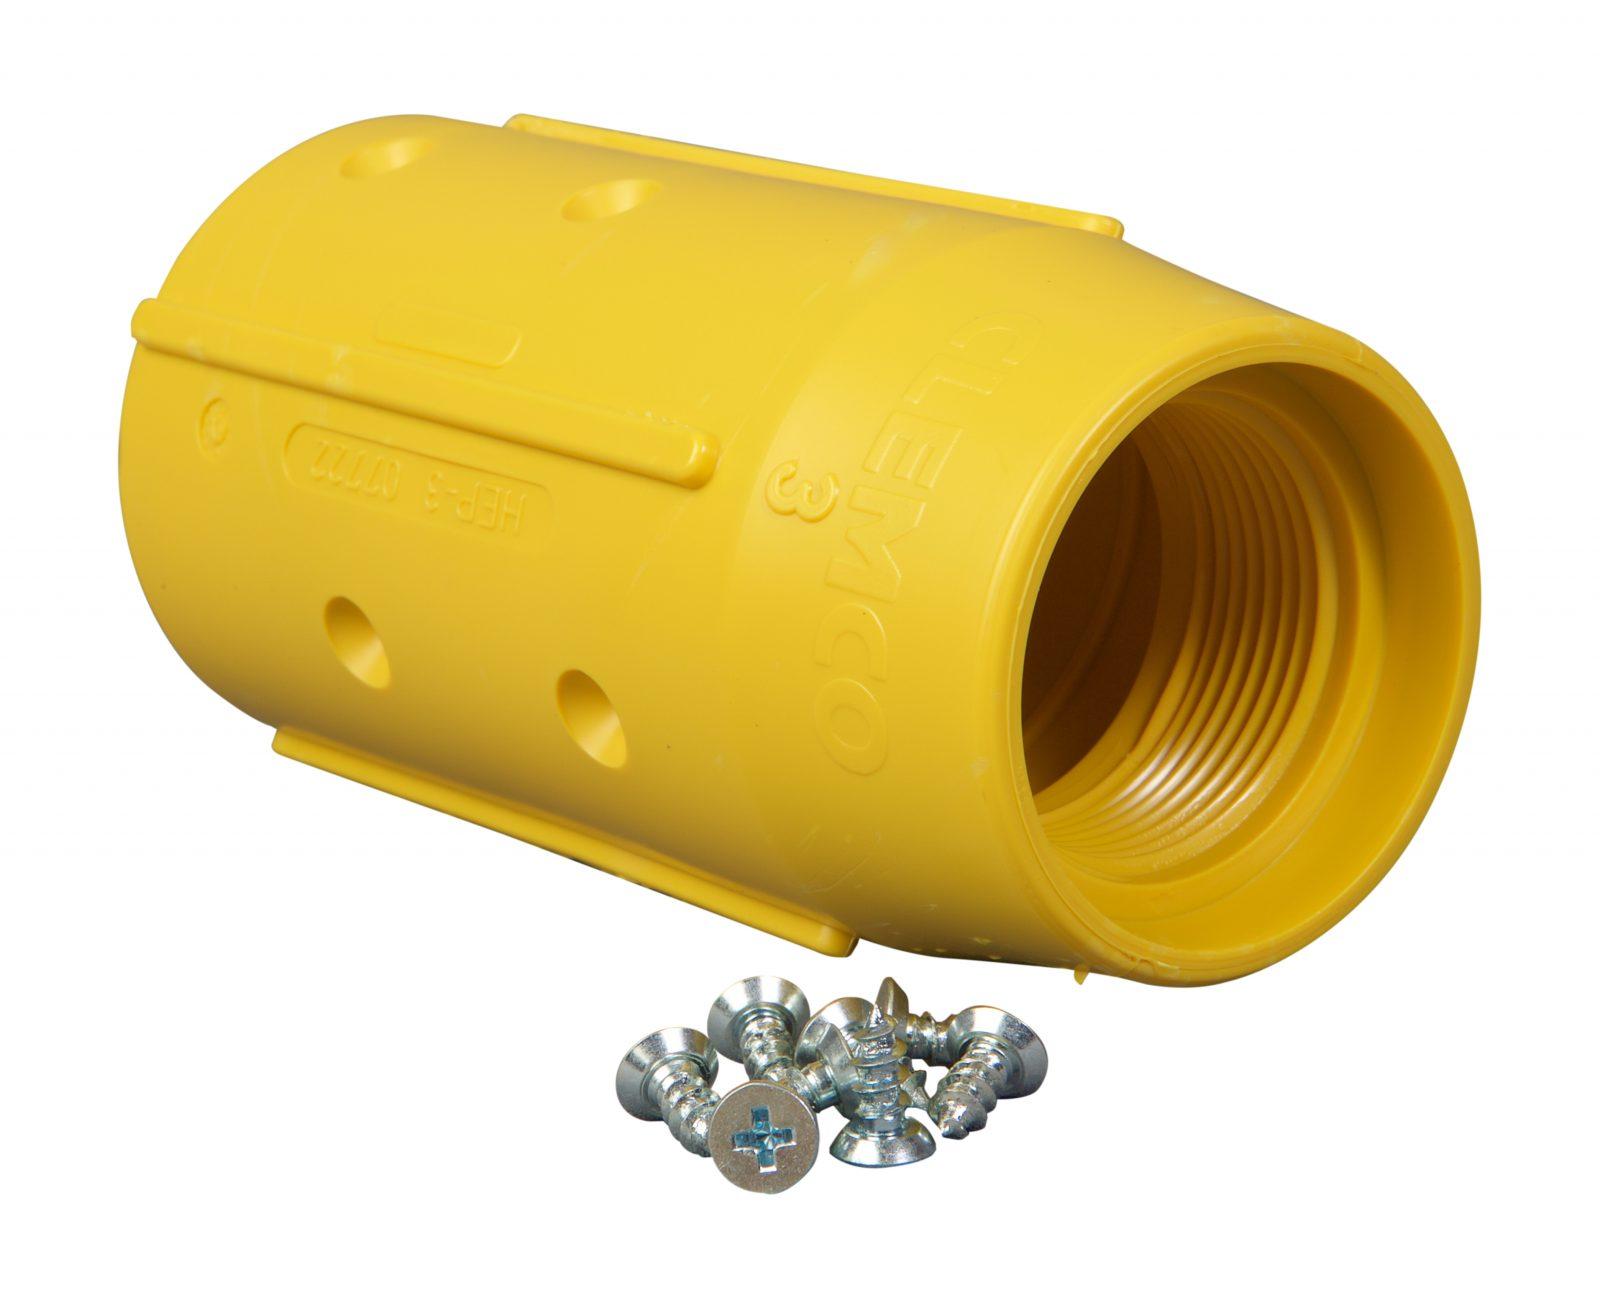 blast nozzle holders